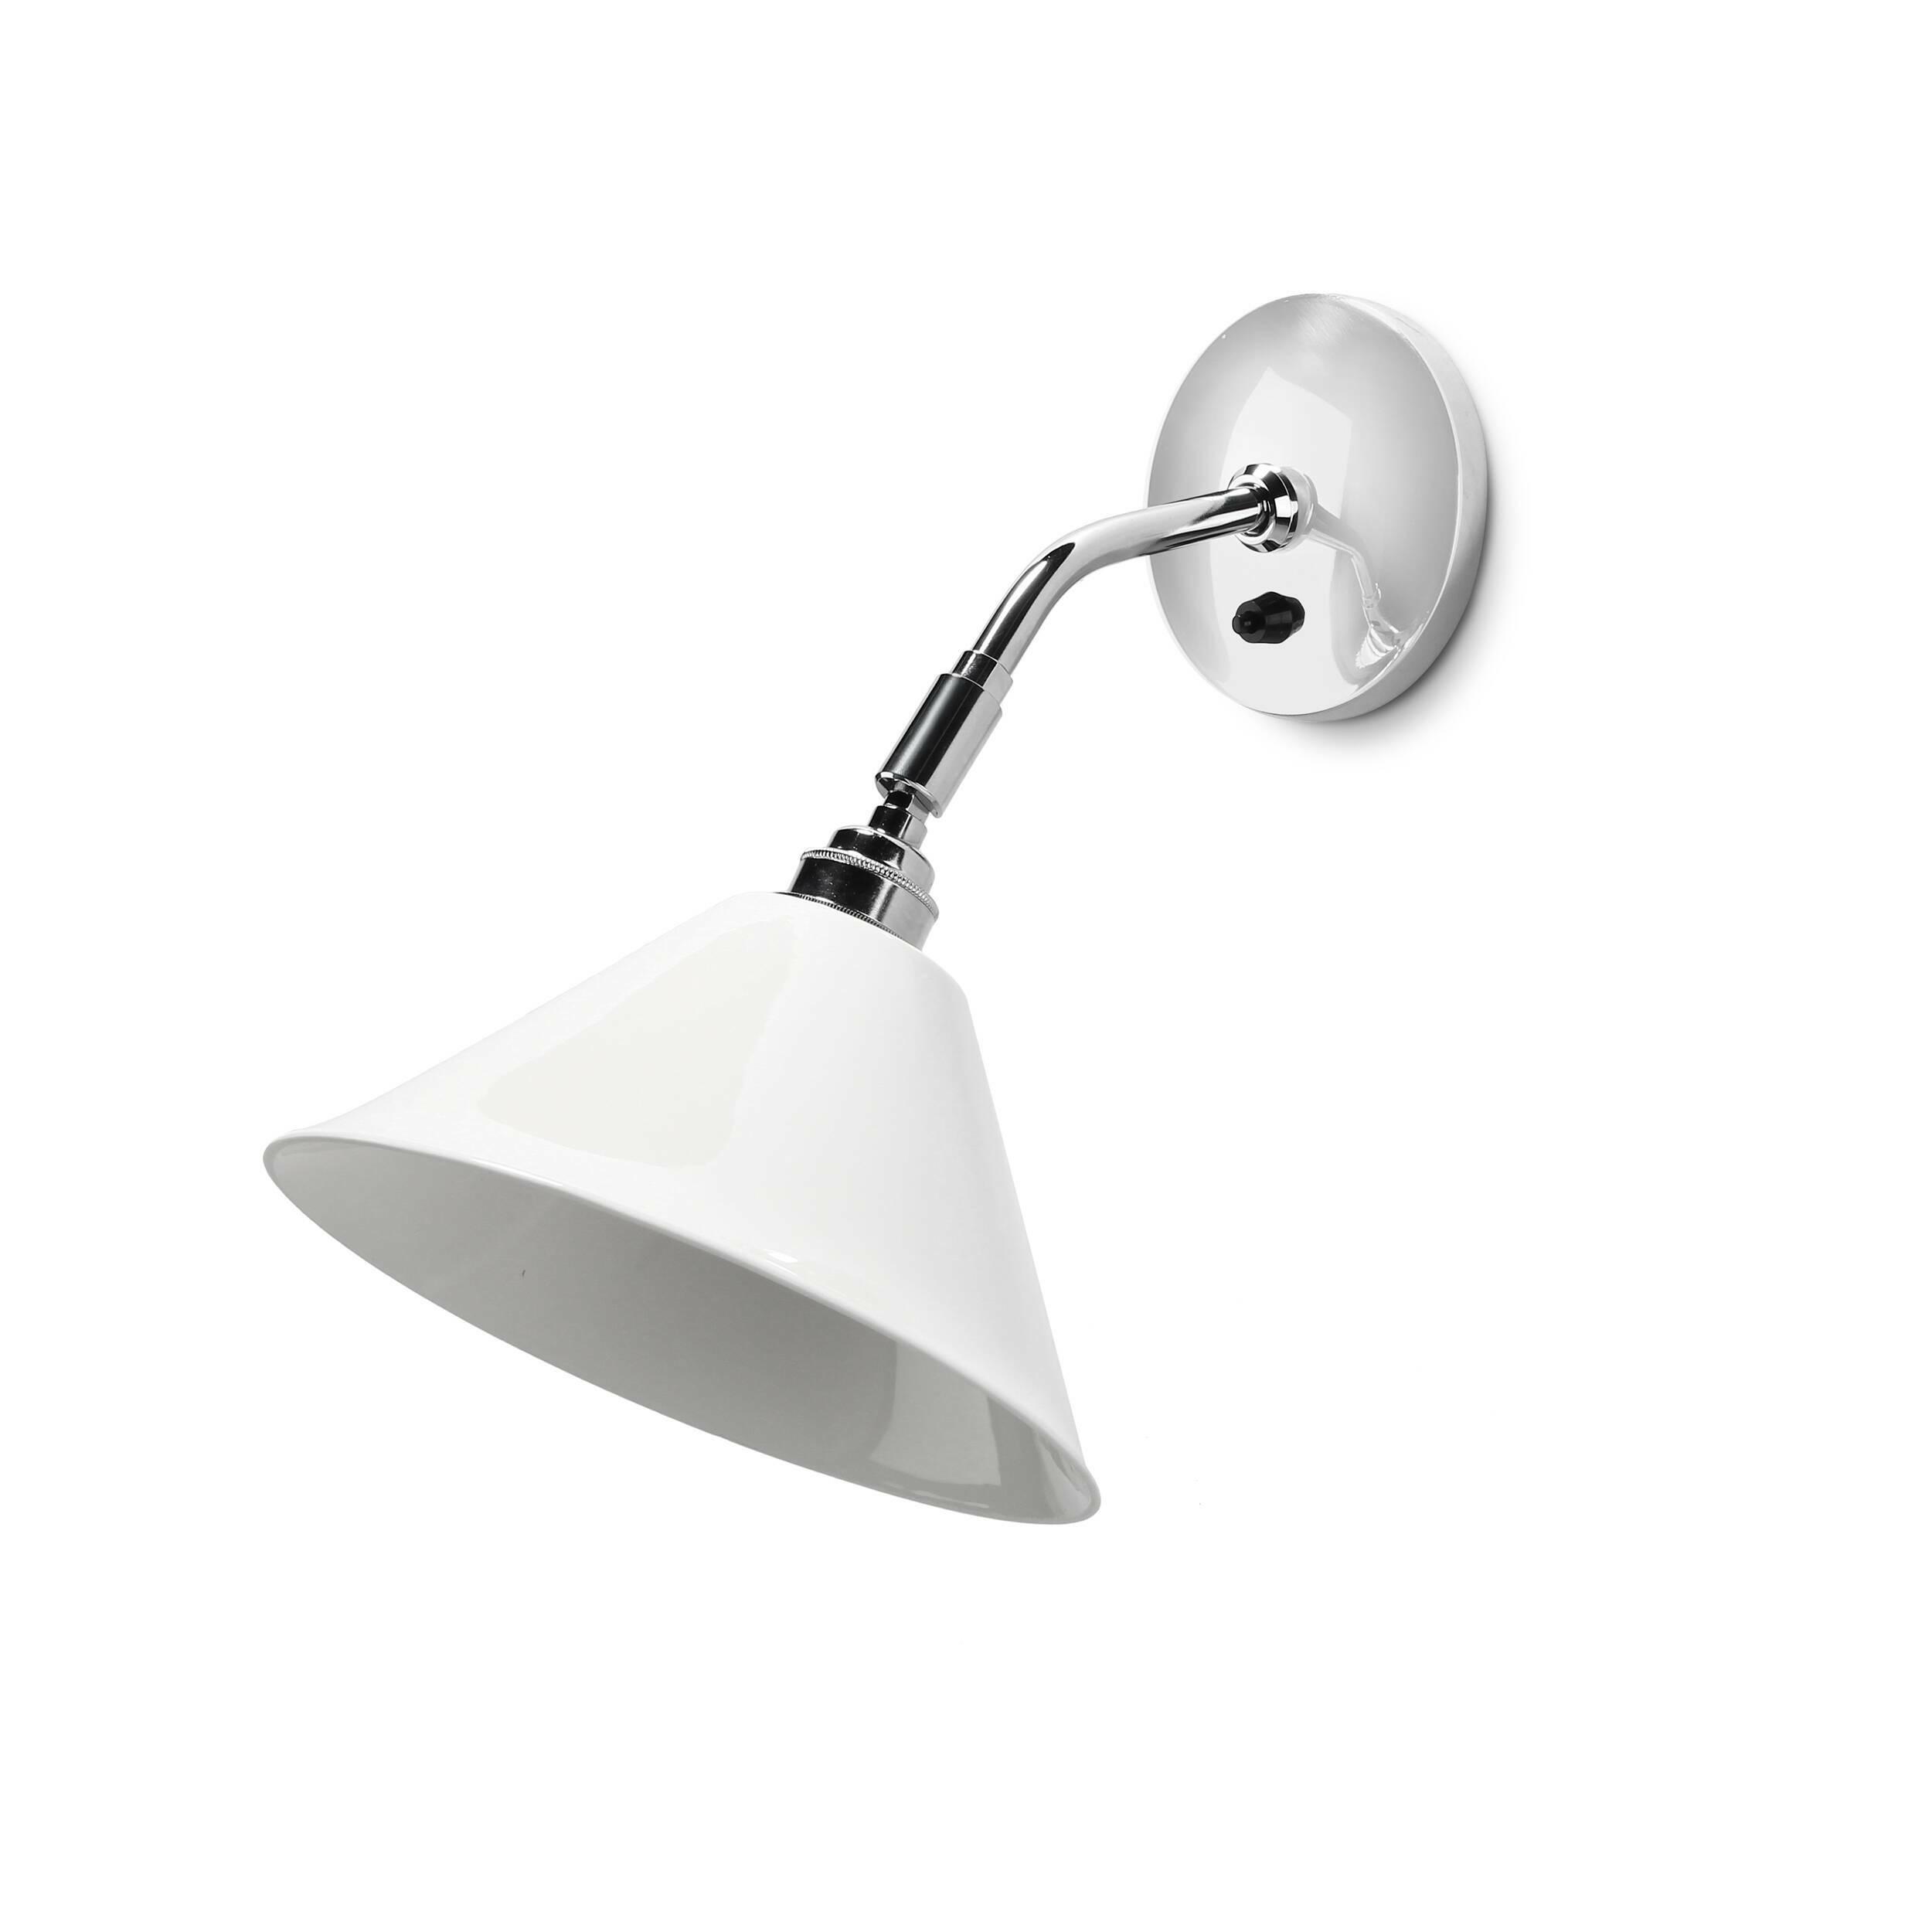 Настенный светильник Task керамическийНастенные<br>Настенный светильник Task керамический — это классический подвесной британский светильник из фарфора цвета слоновой кости. Он способен концентрировать освещение непосредственно там, где это необходимо.<br><br><br><br> Настенные светильники Task от фабрики Original BTC удобны, обладают элегантной скромностью и доступной ценой. Строгая классика консервативных линий и форм мгновенно сделала их неотъемлемыми элементами шикарных интерьеров. Нередко в коллекциях BTC угадываются черты концептуального ...<br><br>stock: 2<br>Высота: 34<br>Ширина: 35.5<br>Материал абажура: Фарфор<br>Мощность лампы: 60<br>Ламп в комплекте: Нет<br>Тип лампы/цоколь: E27<br>Цвет абажура: Белый